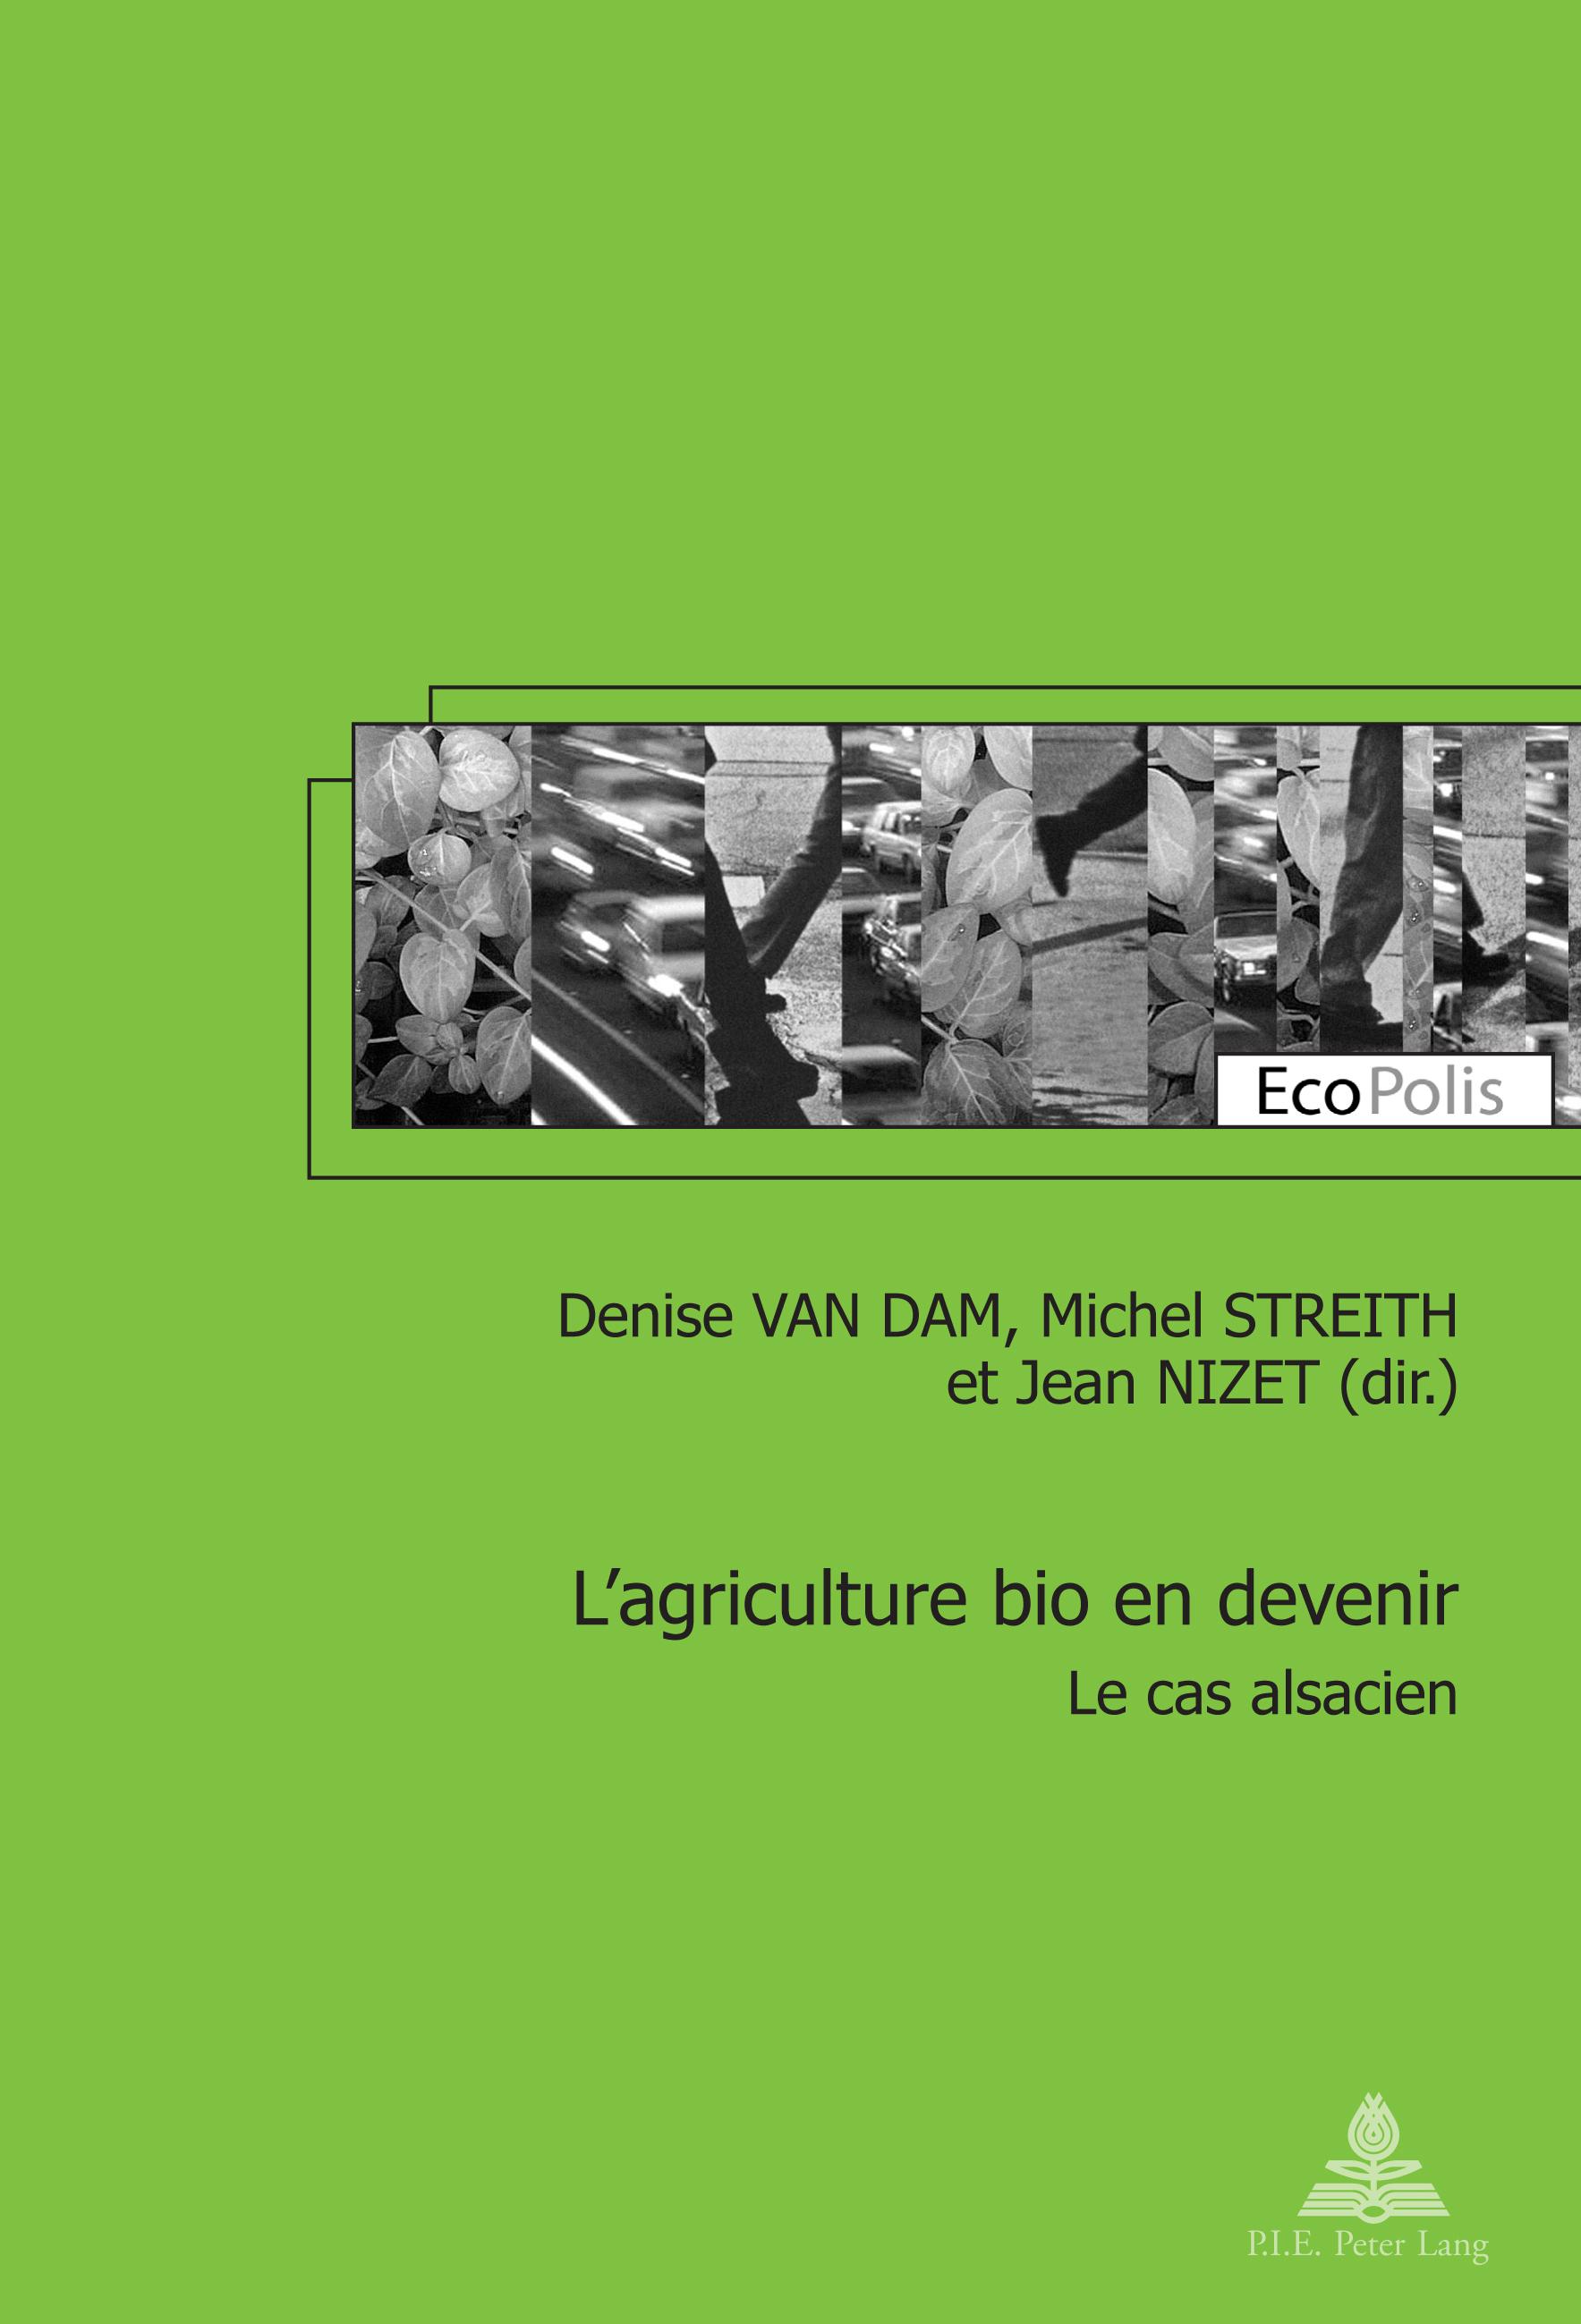 L'AGRICULTURE BIO EN DEVENIR - LE CAS ALSACIEN